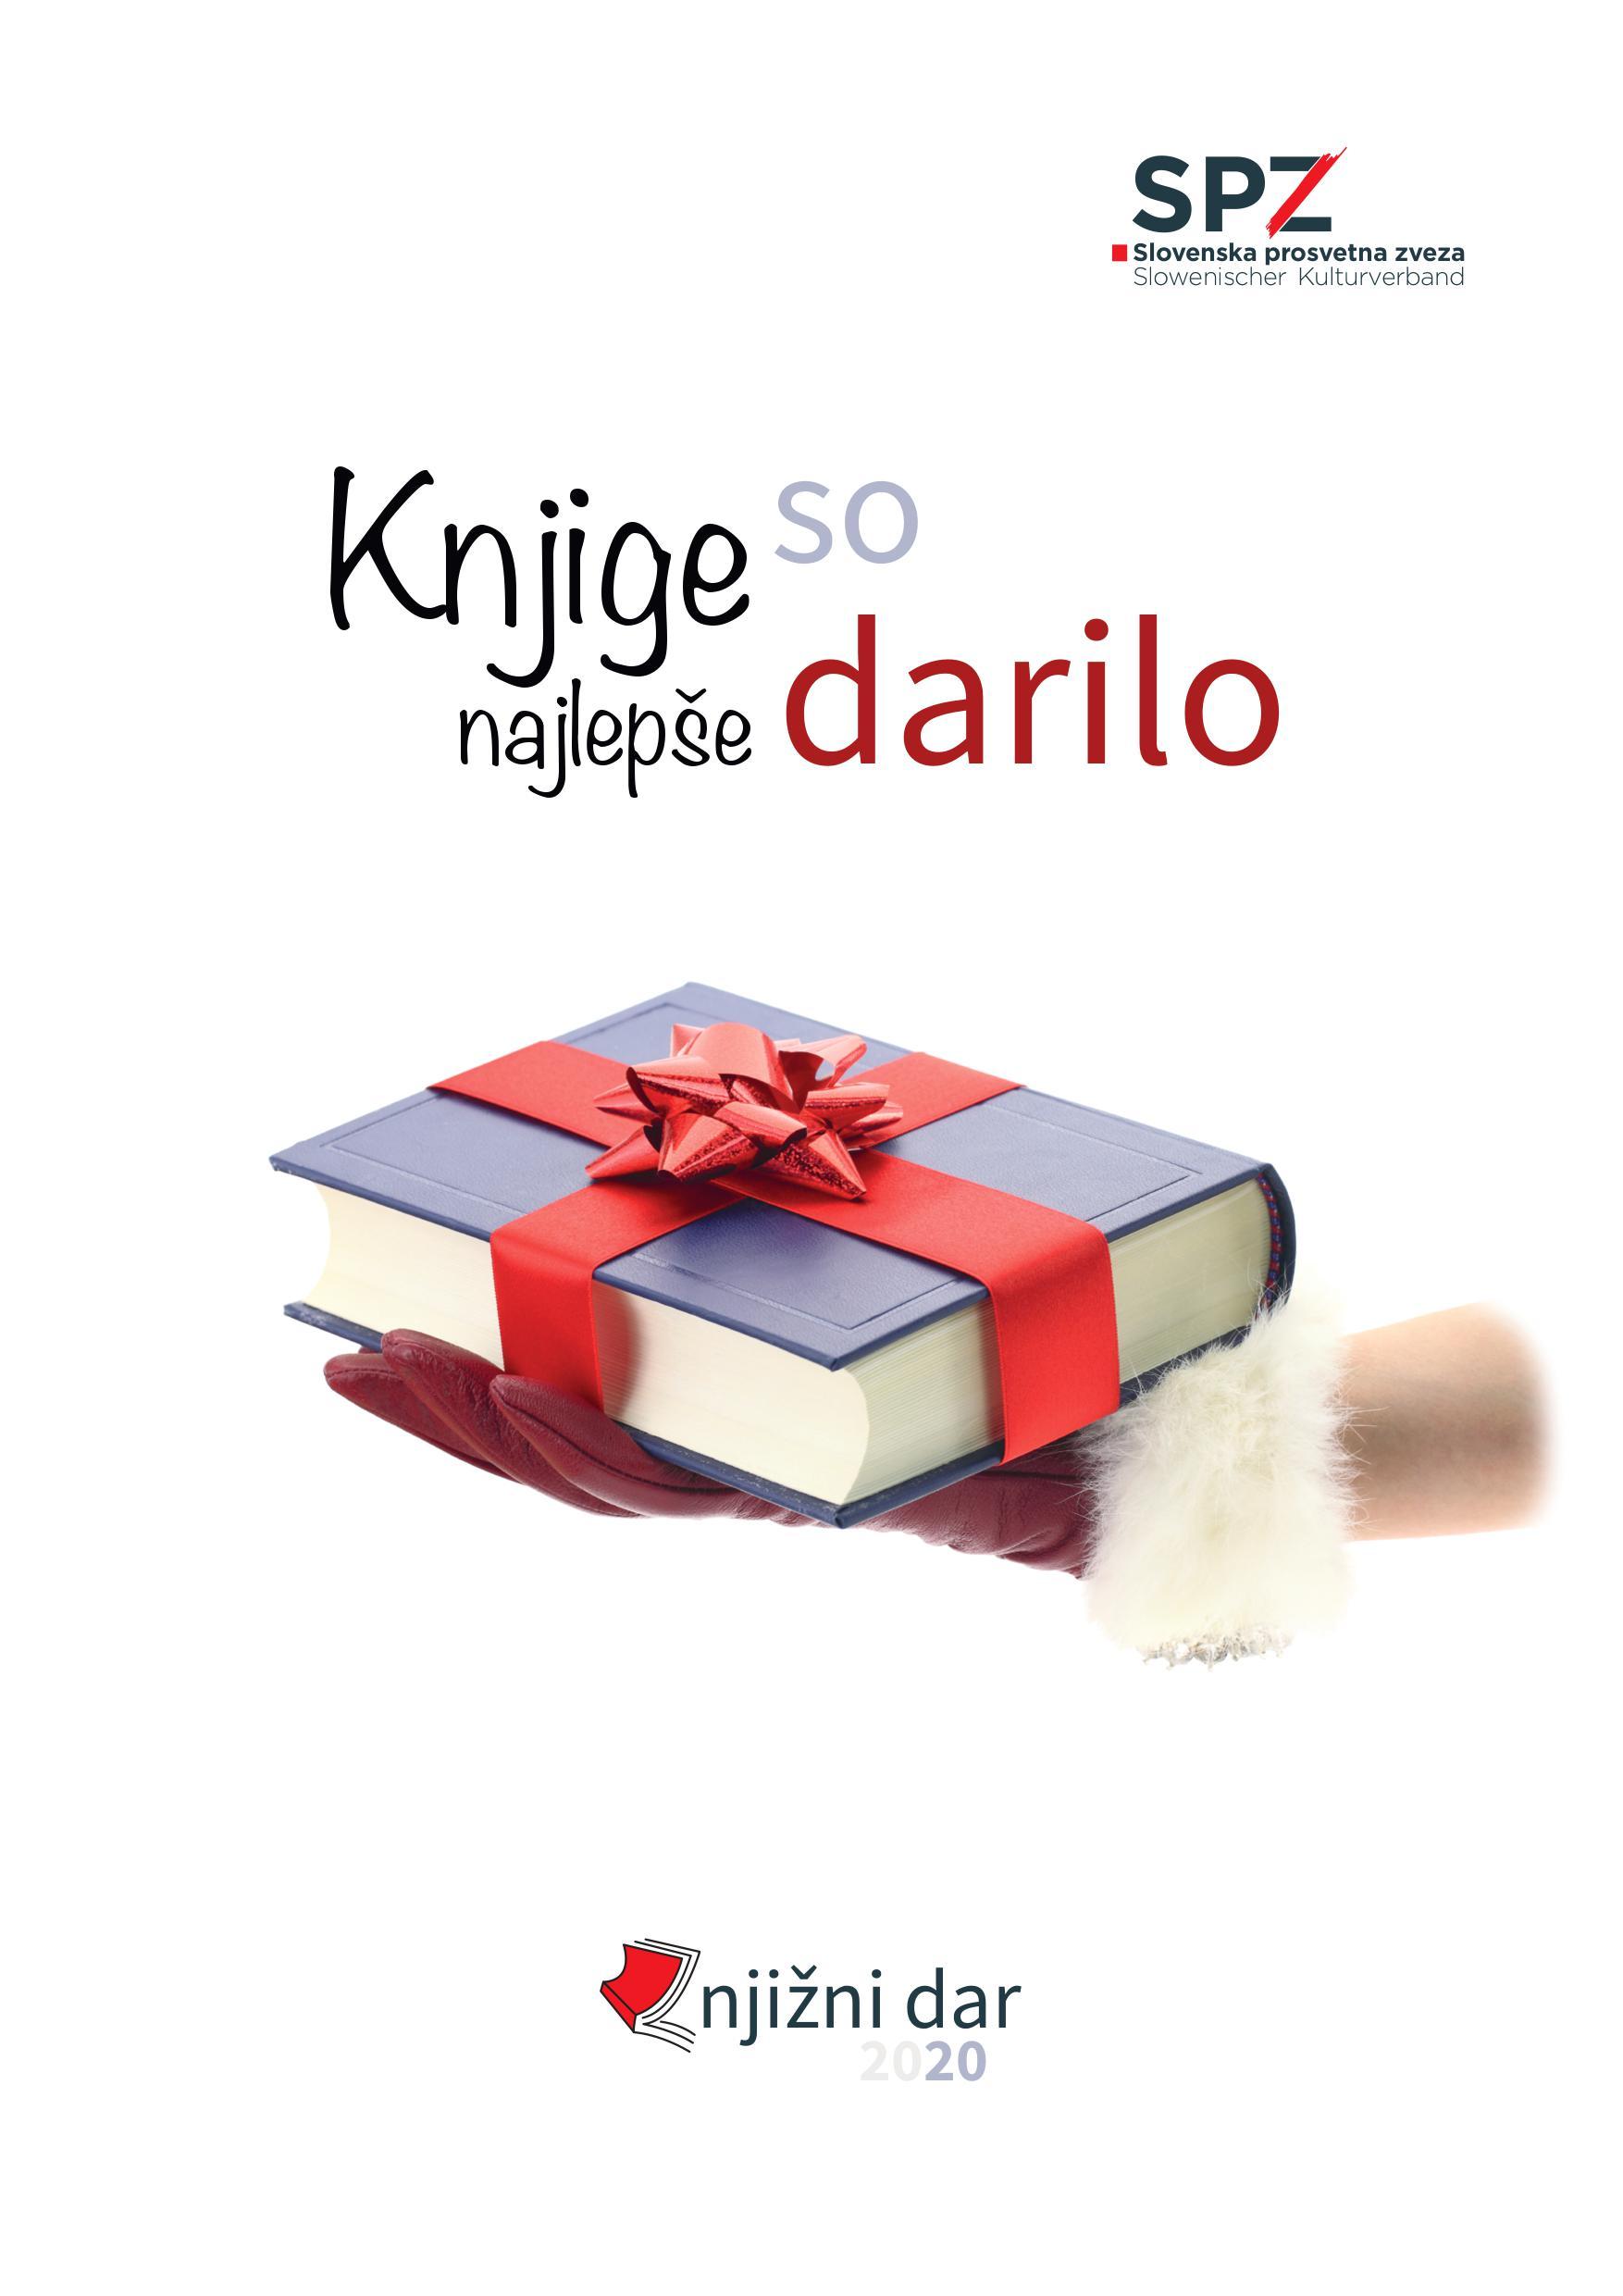 Knjižni dar 2020